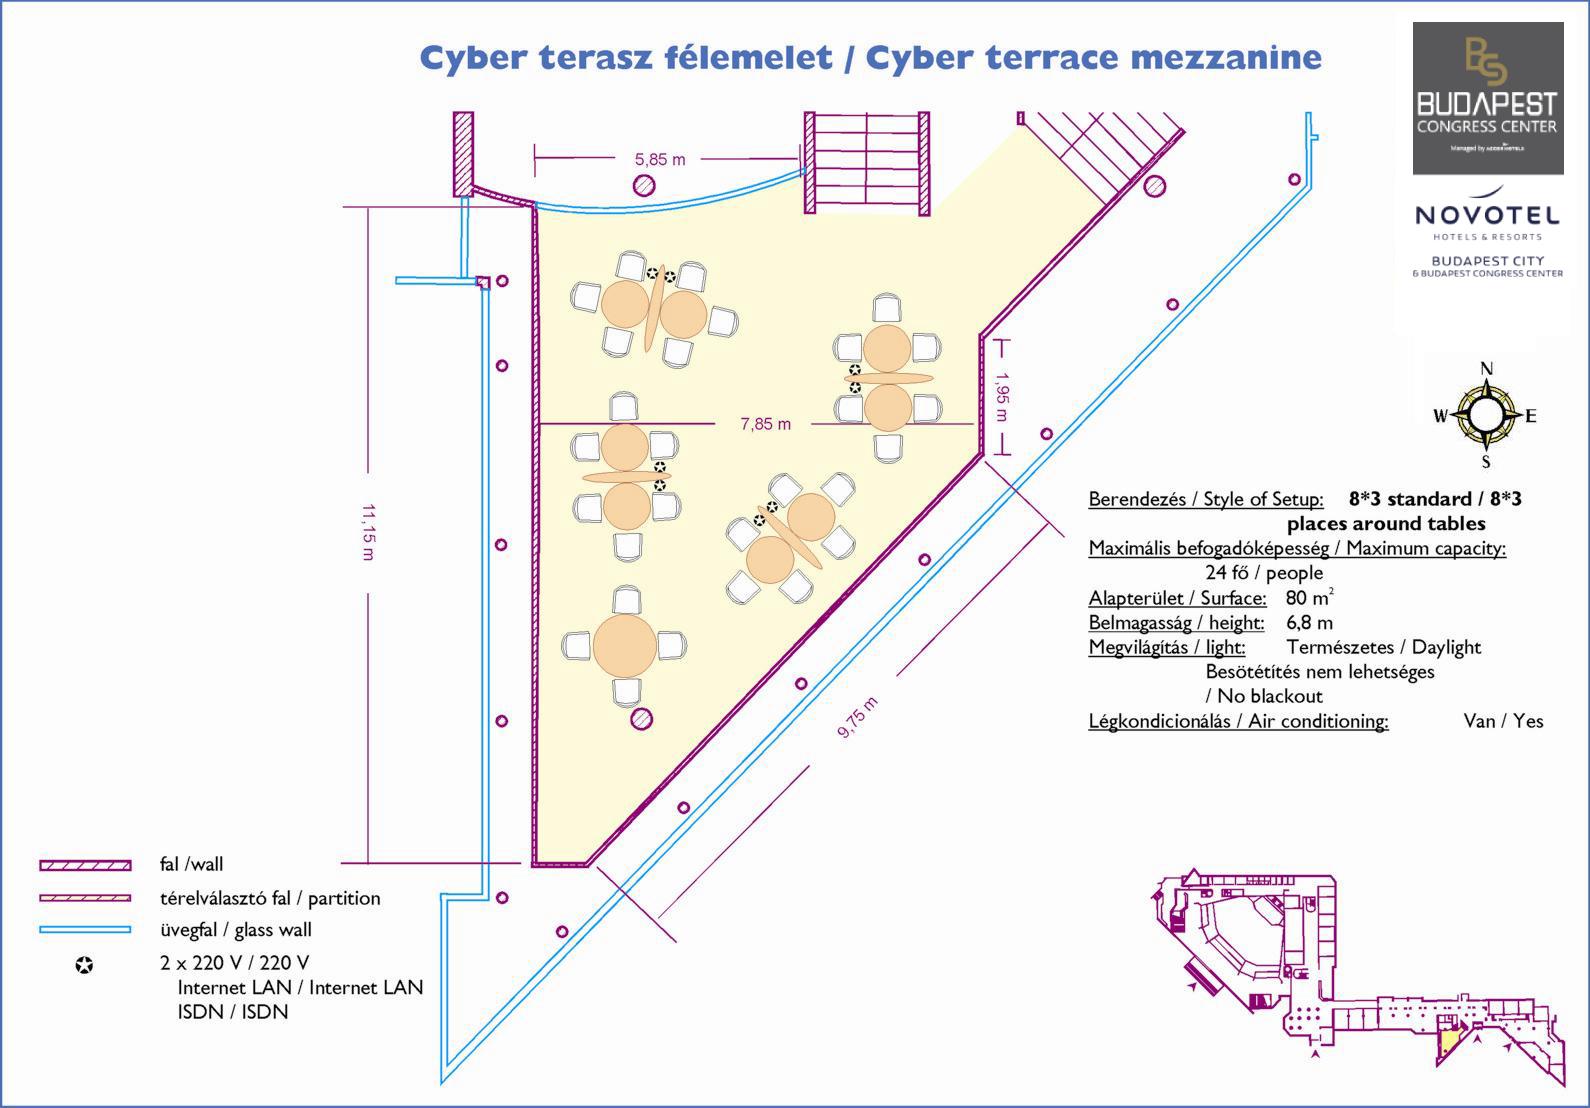 Cyber Terrace